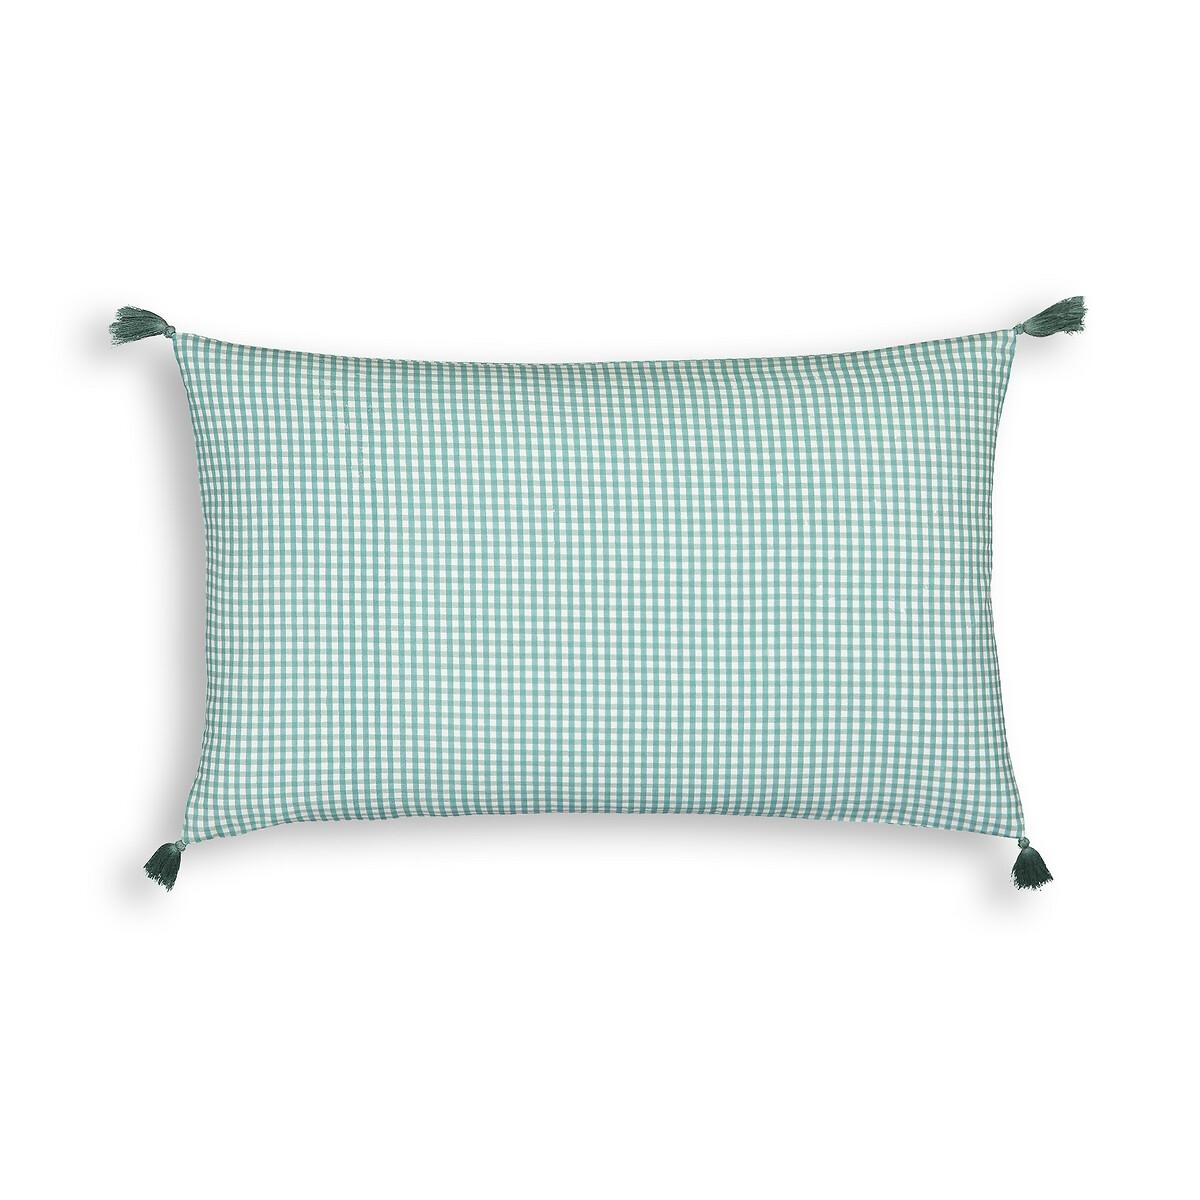 Фото - Чехол LaRedoute Для подушки из осветленного хлопка Grace 50 x 30 см зеленый пододеяльник laredoute из осветленного хлопка babette 260 x 240 см зеленый